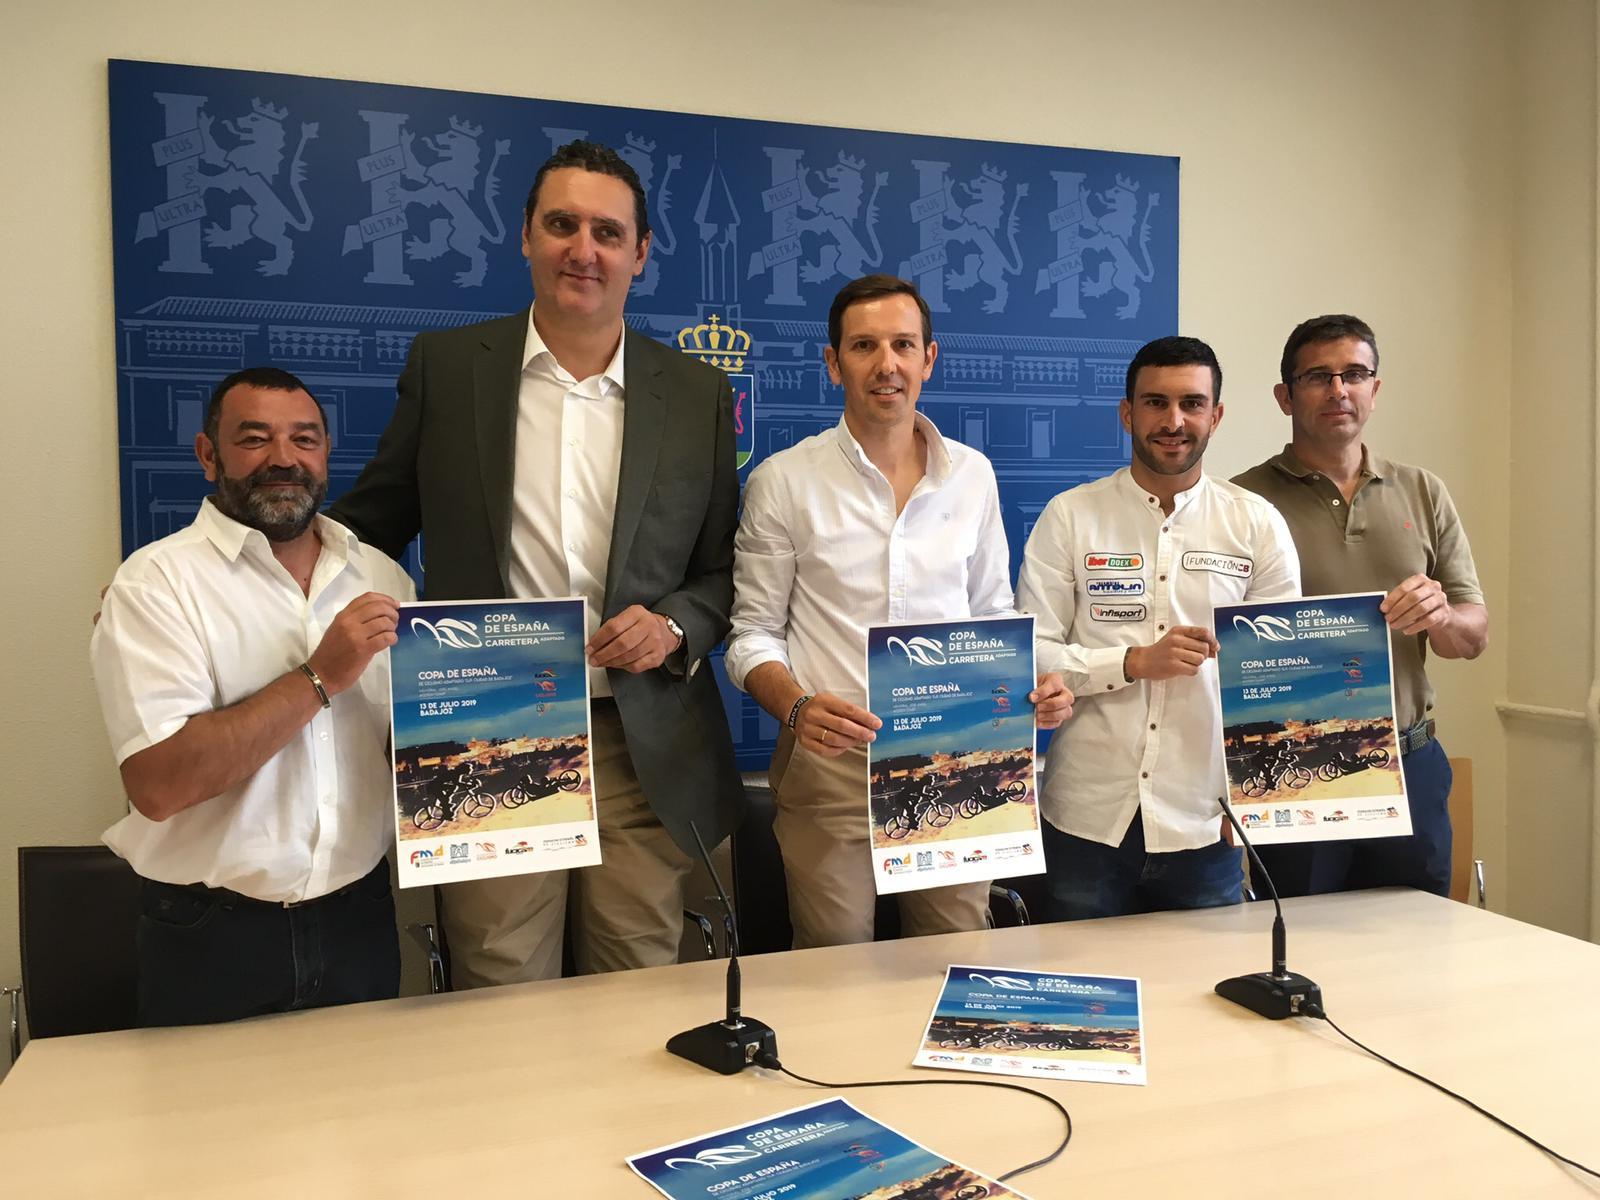 Presentación del Campeonato de España de Ciclismo Adaptado